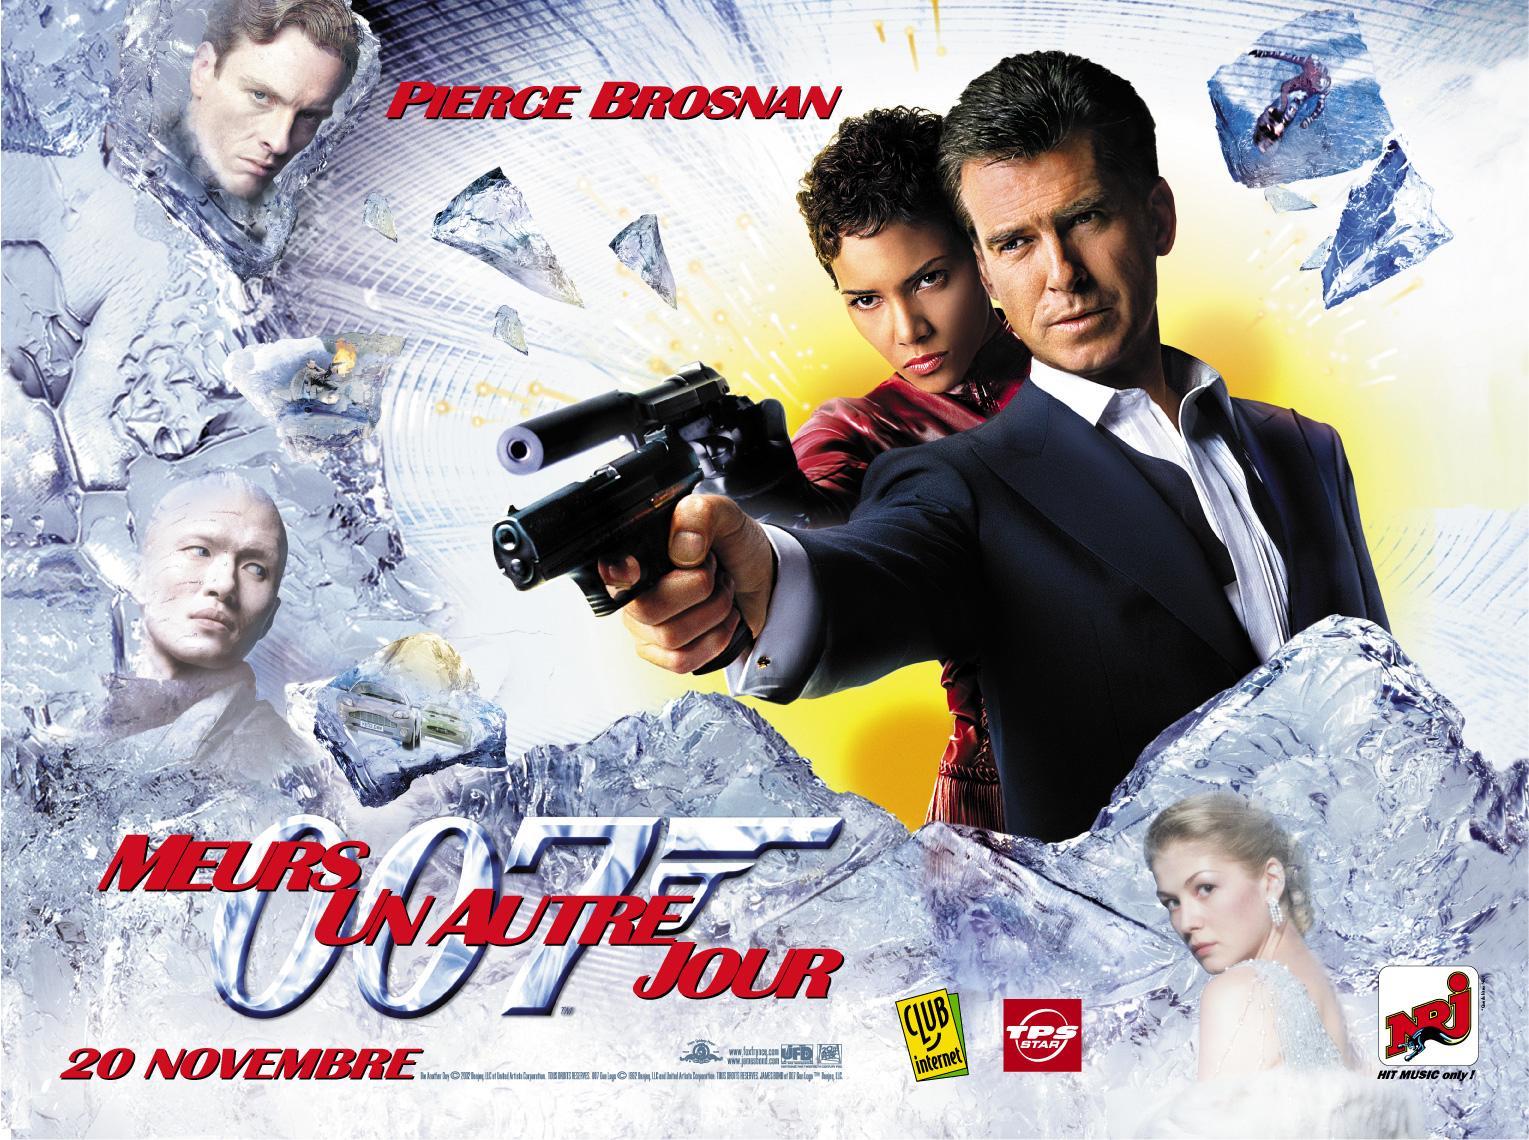 james bond 007 meurs un autre jour